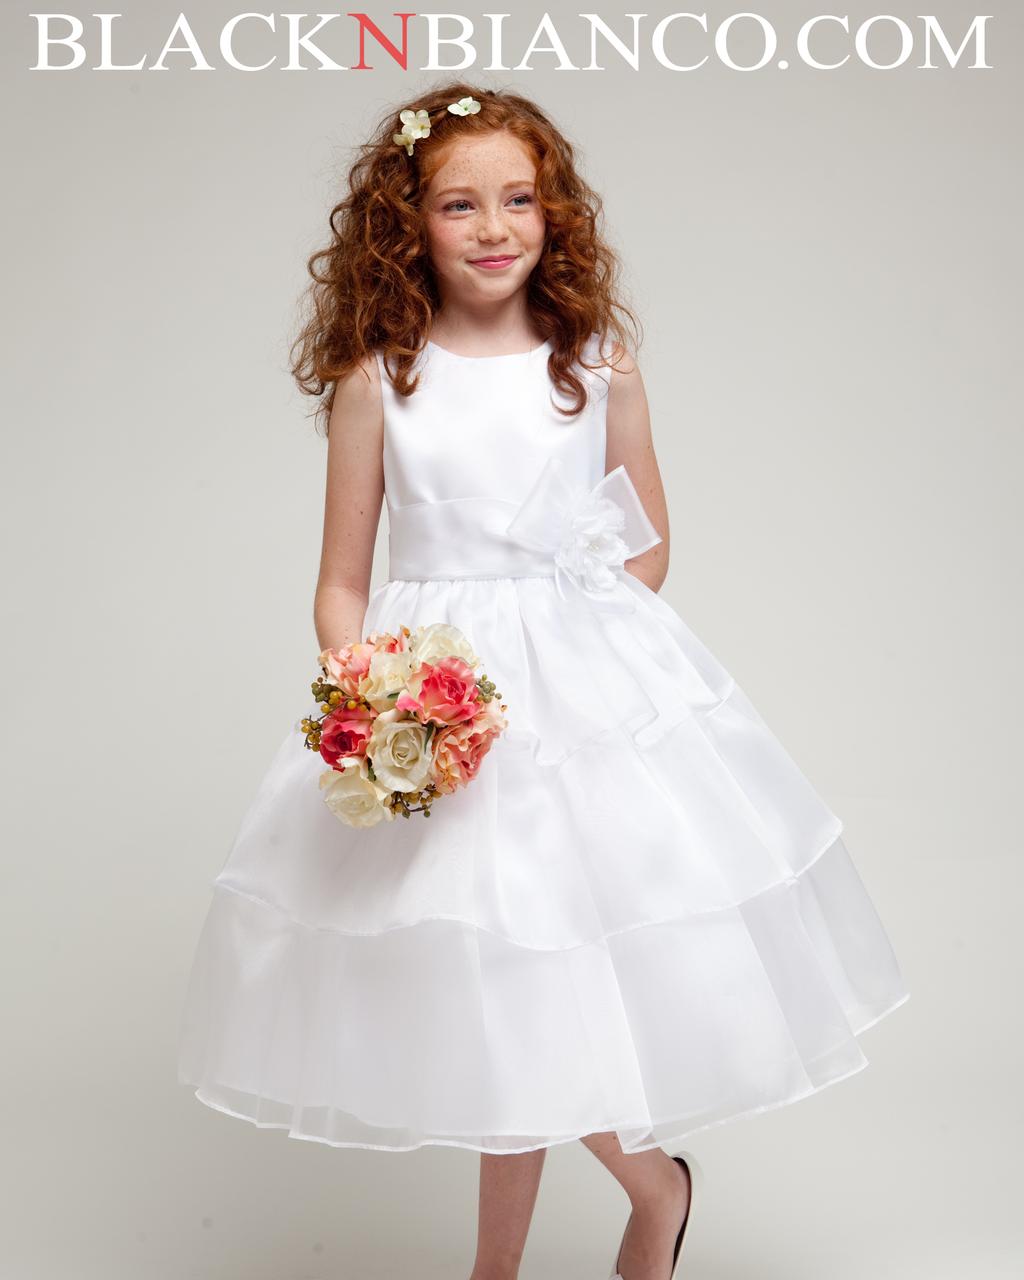 Layered Flower Girl Dress Flower Girl Dress in White